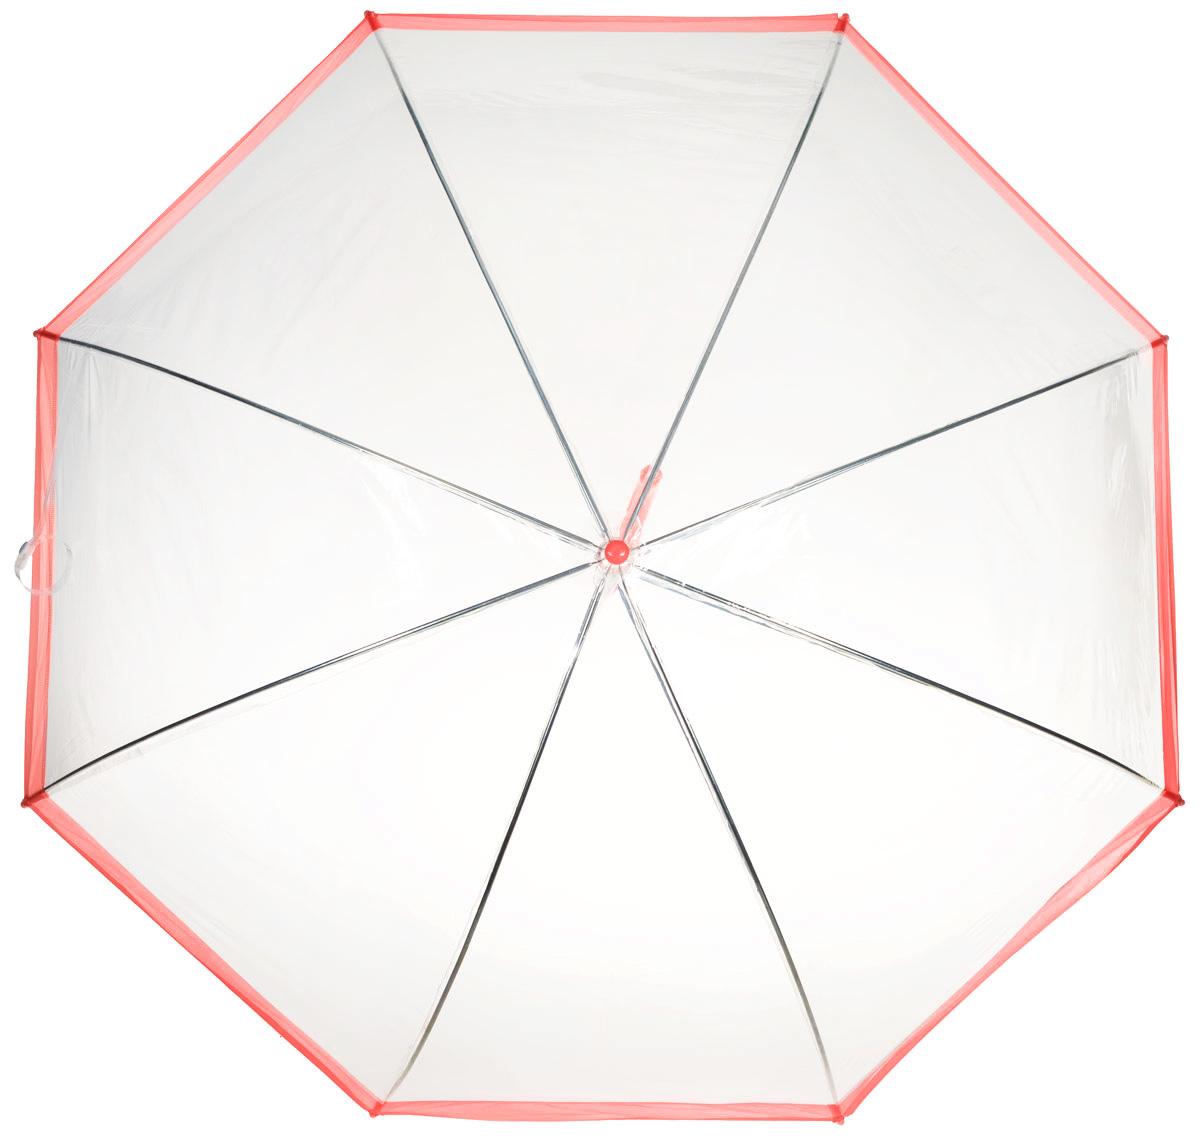 Зонт-трость женский Эврика, механика, цвет: прозрачный, красный. 9429194291Оригинальный и элегантный женский зонт-трость Эврика порадует своим оформлением даже в ненастную погоду. Зонт состоит из восьми спиц и стержня выполненных из качественного металла. Купол выполнен из качественного ПВХ, который не пропускает воду. Зонт дополнен удобной пластиковой ручкой в виде крючка. Изделие имеет механический способ сложения: и купол, и стержень открываются и закрываются вручную до характерного щелчка. Зонт закрывается хлястиком на кнопку. Зонт имеет прозрачную текстуру, что позволяет видеть обстановку вокруг себя. Такой зонт не оставит вас незамеченной.